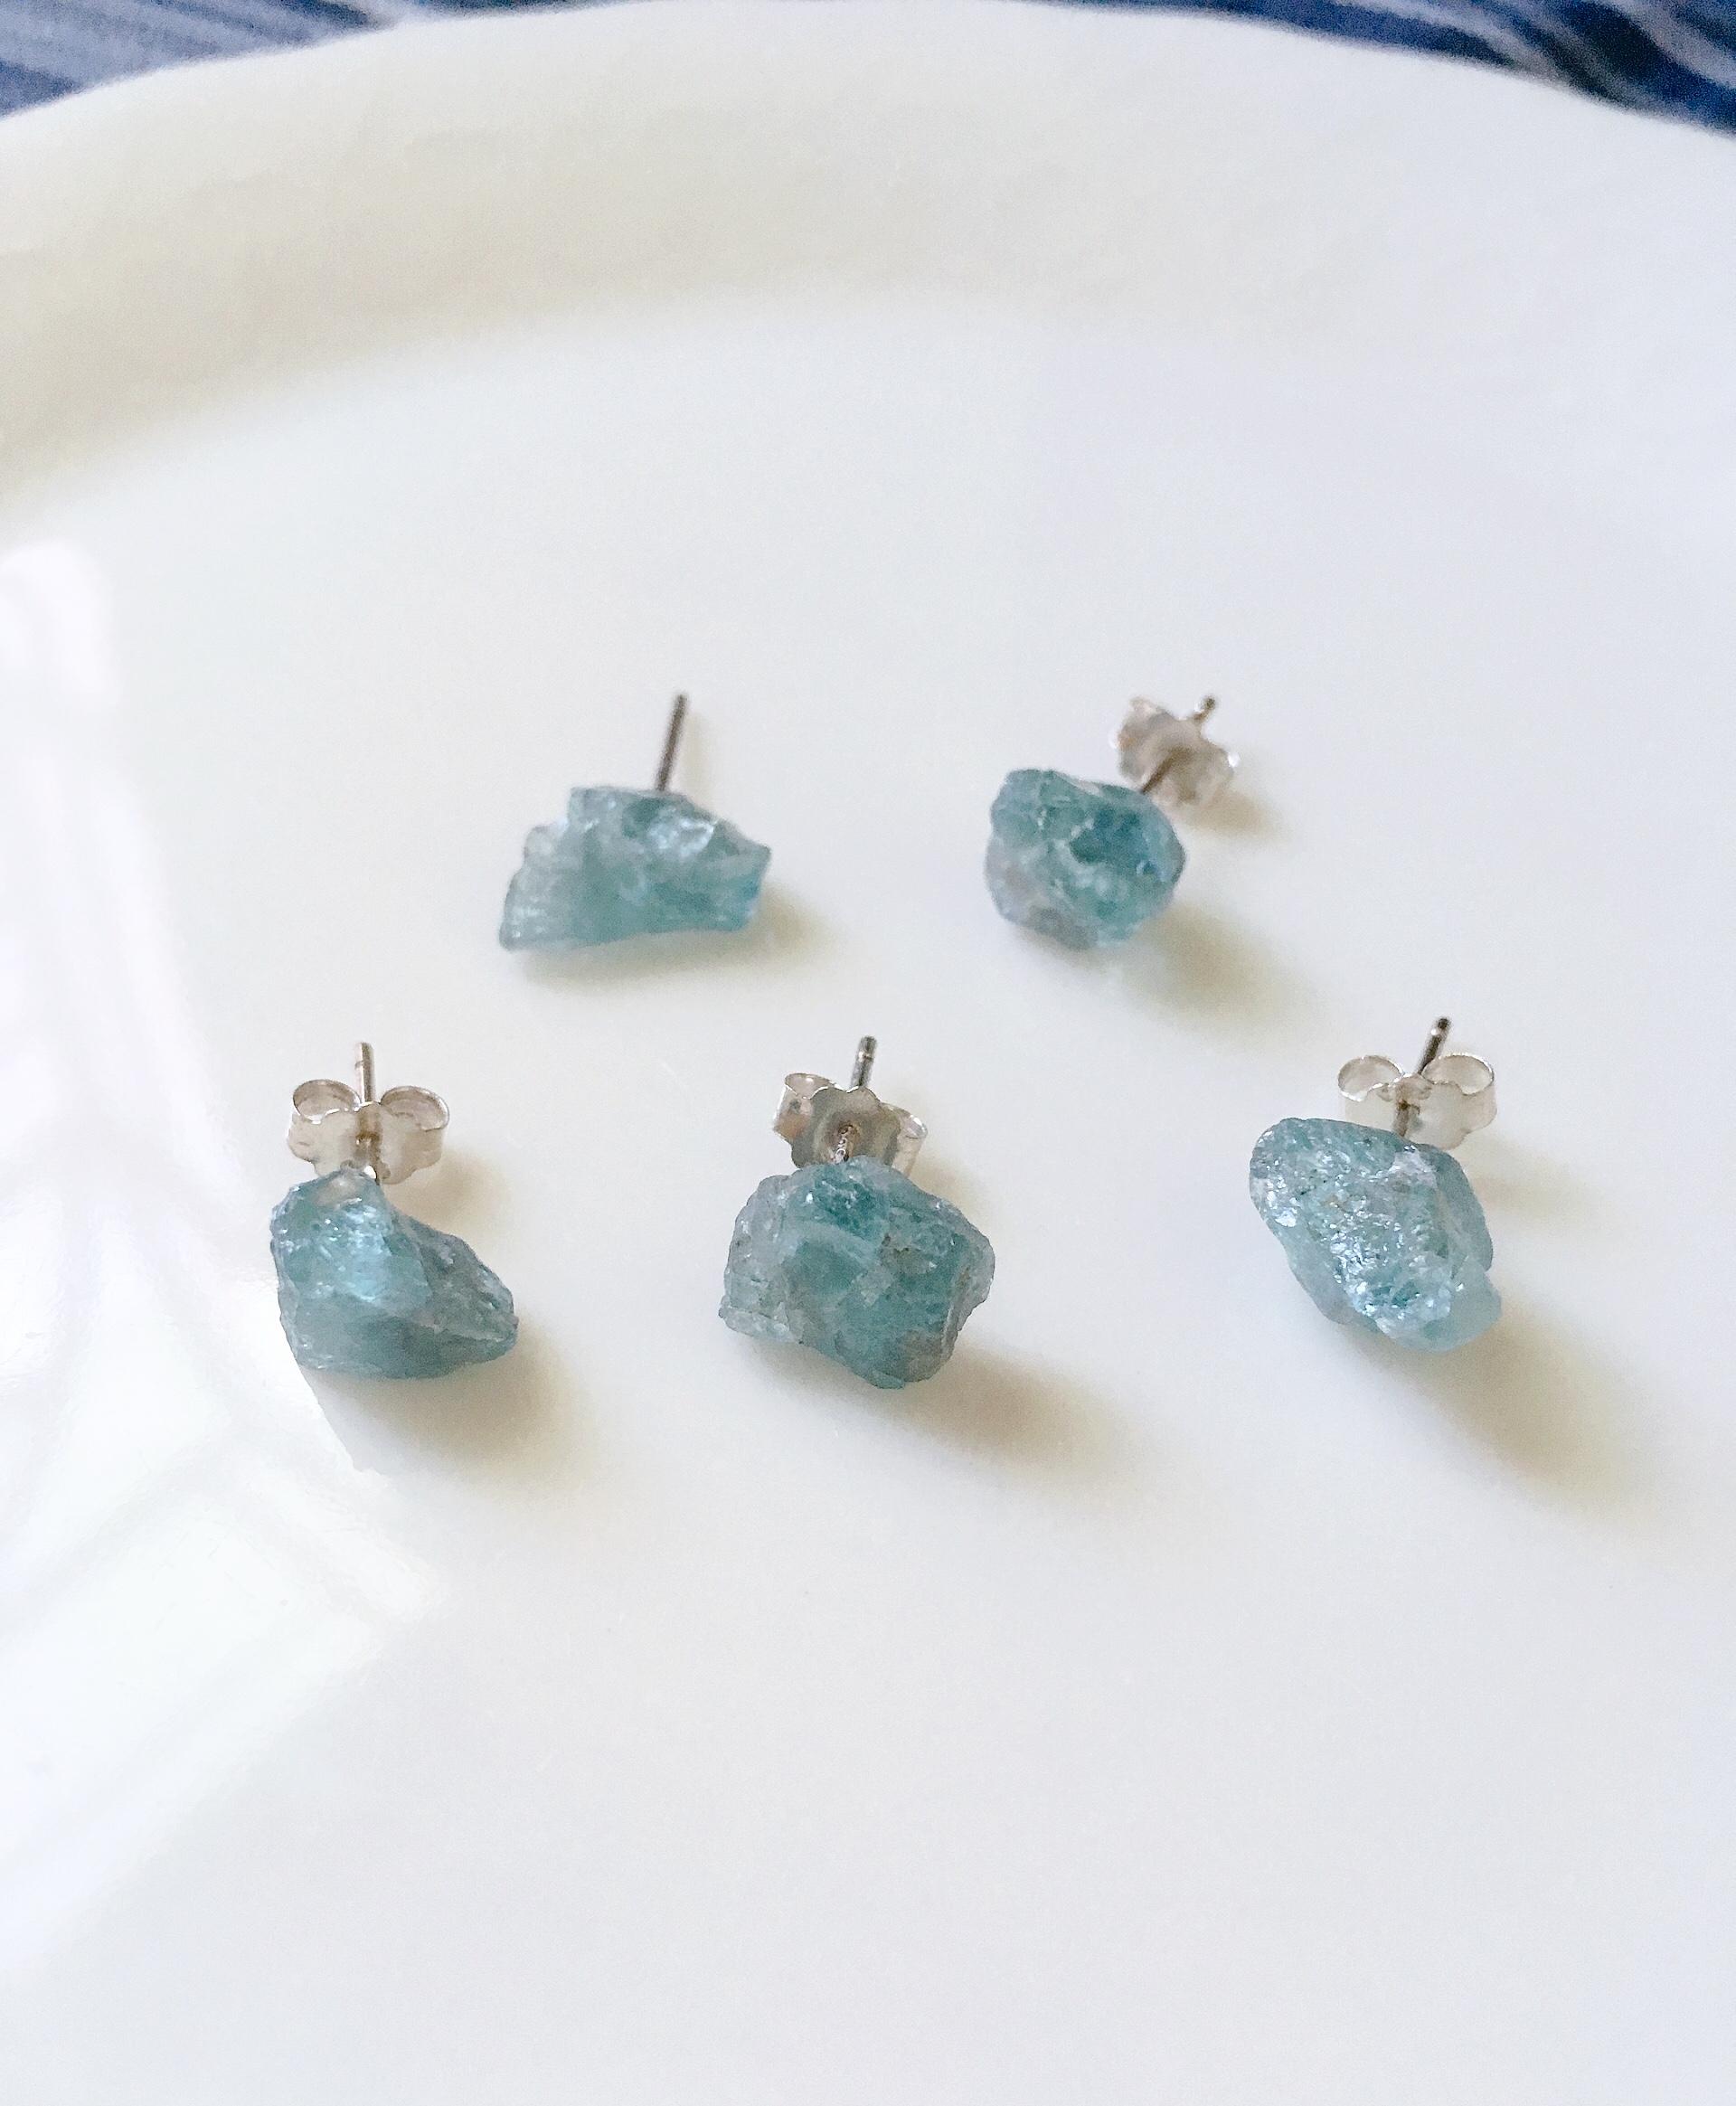 磷灰石 原礦耳環 單支 大小8-10mm